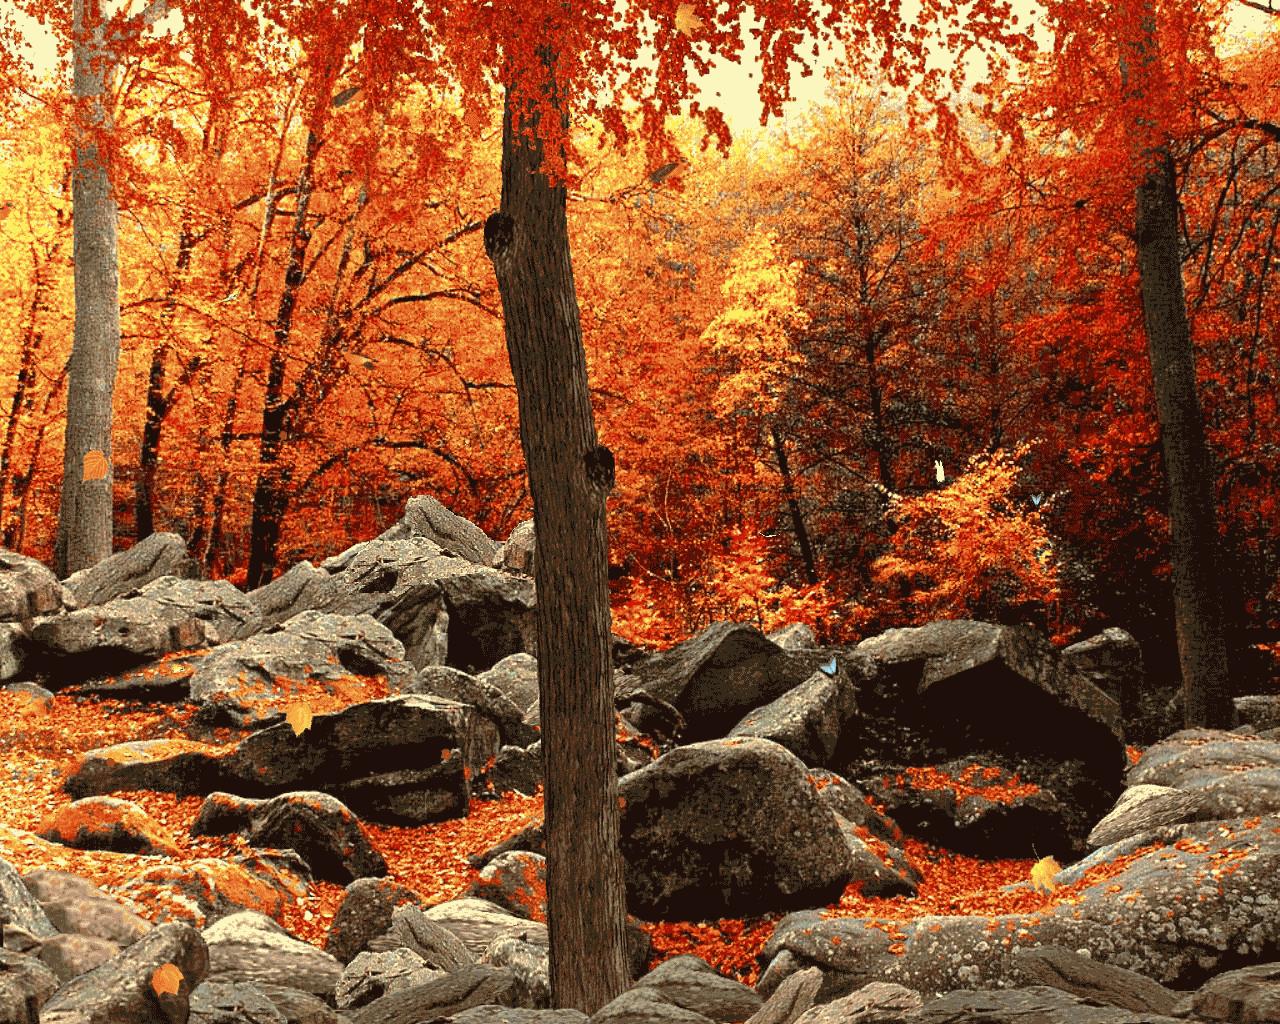 осень, камни, опавшие листья, листопад, обои на рабочий стол, autumn wallpaper